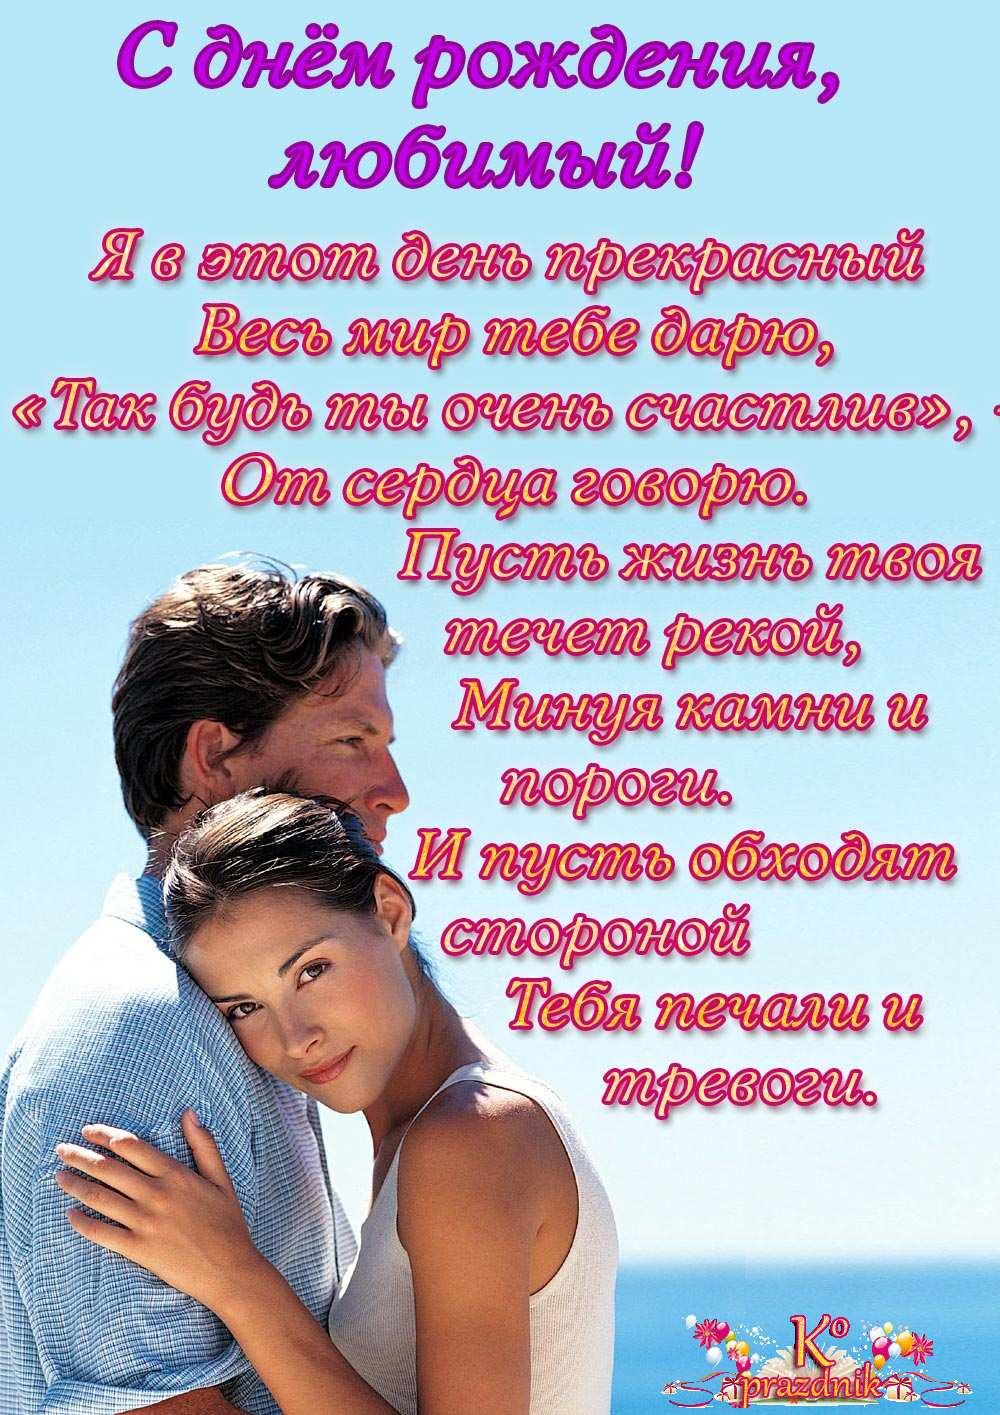 Поздравления с 26 мая день российского предпринимательства